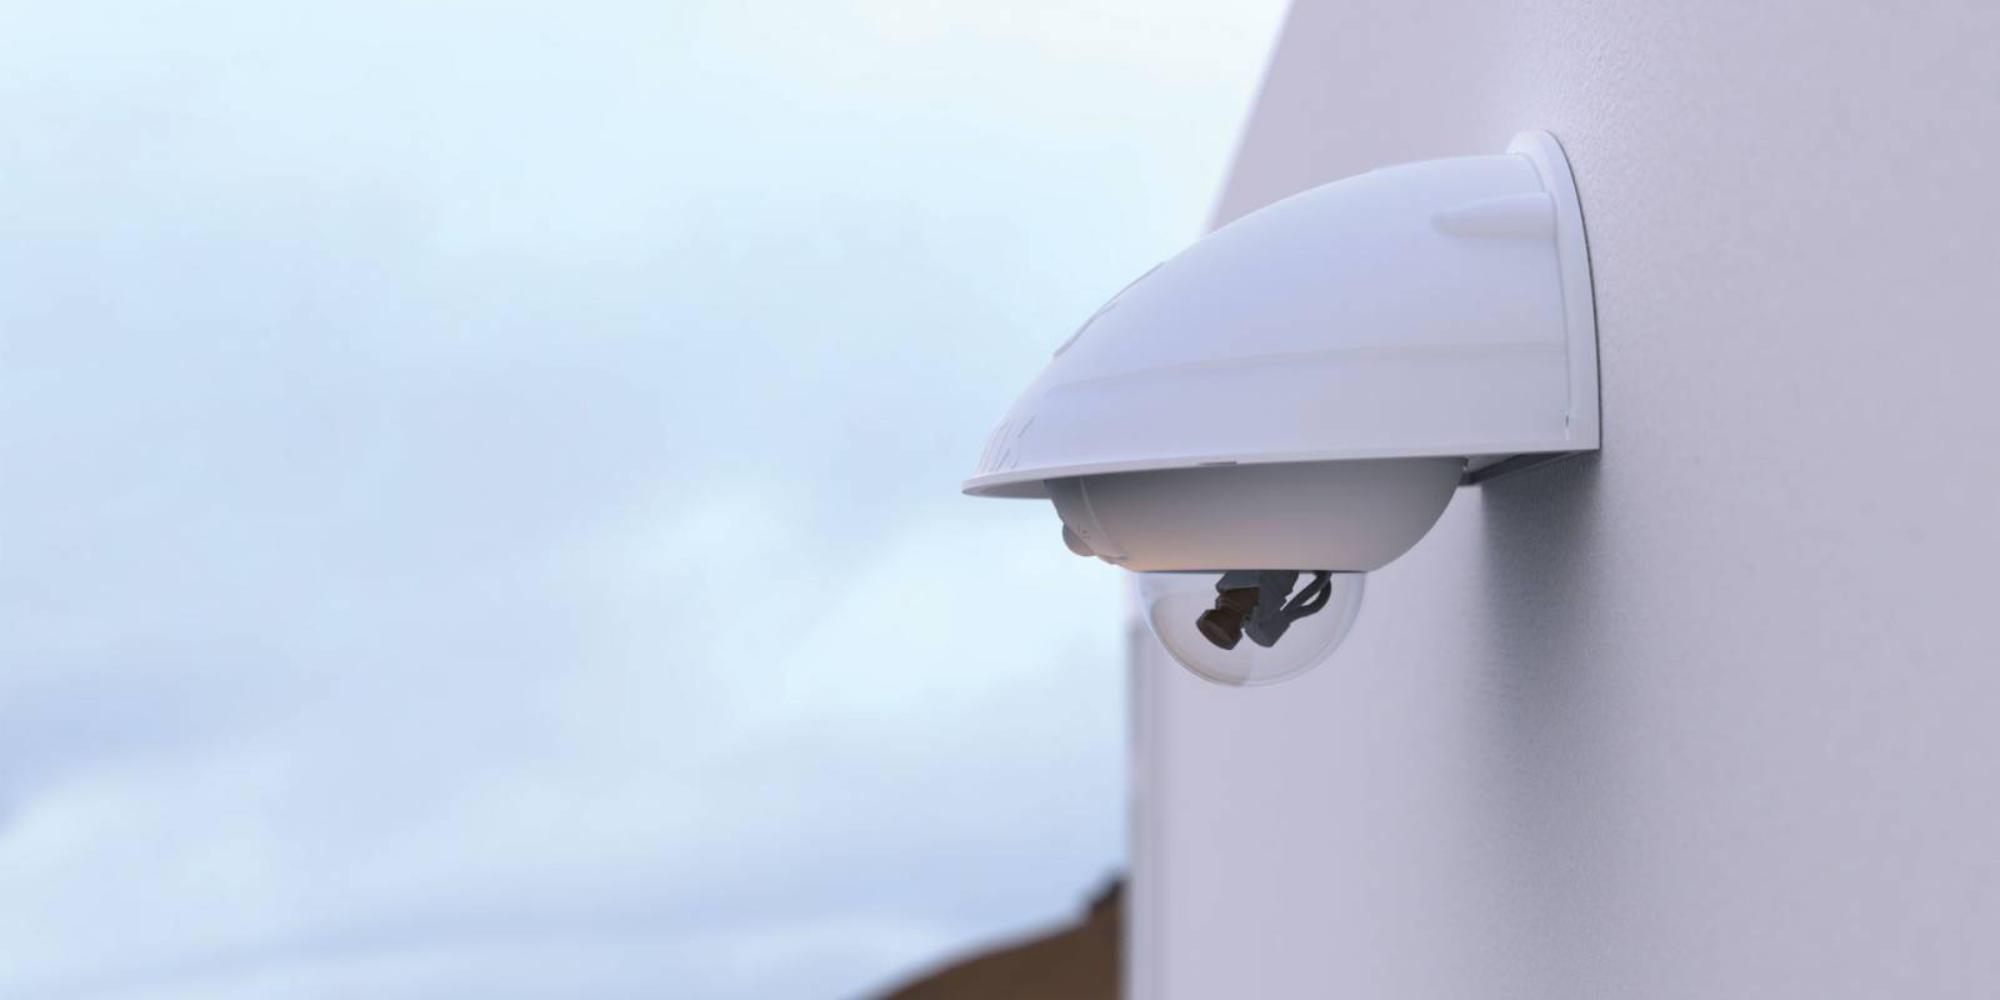 Caméras de surveillance et sécurité de votre domicile